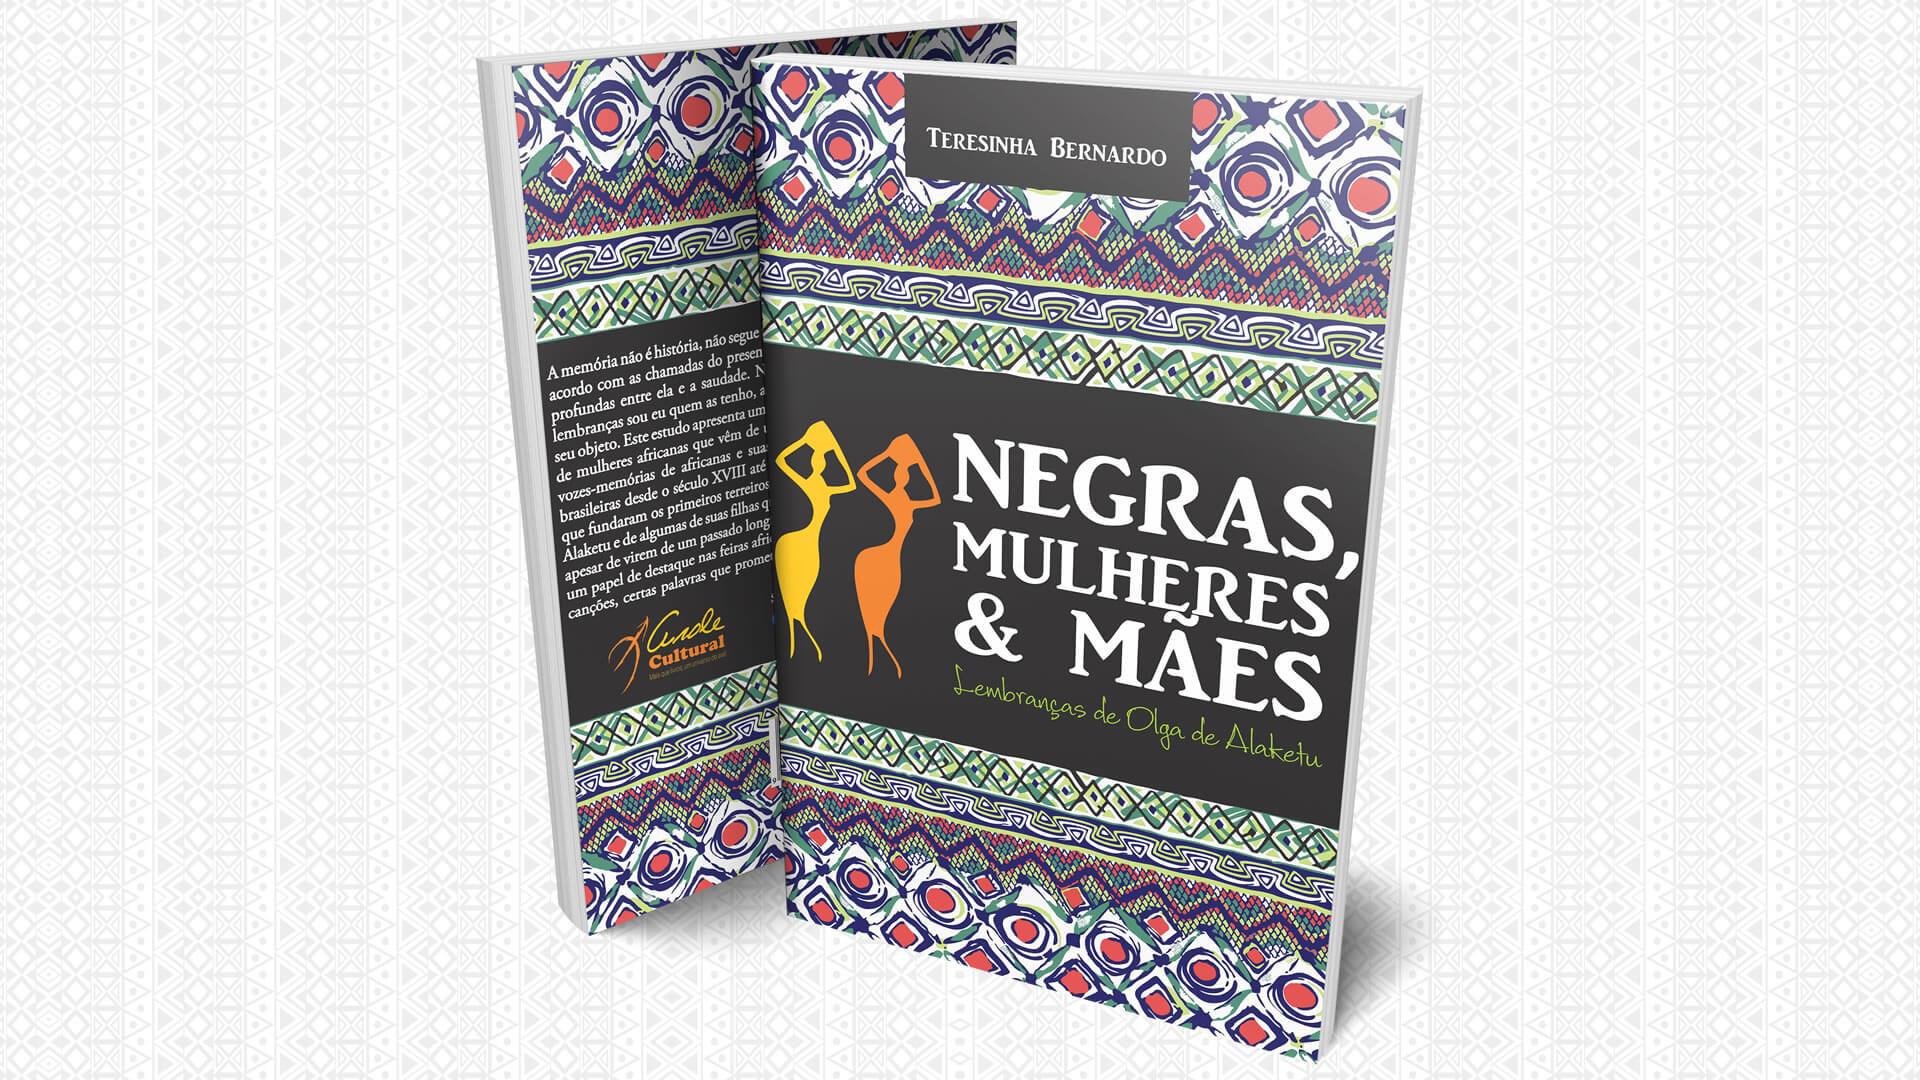 Arole Cultural | Negras, Mulheres e Mães, da professora e pesquisadora das relações étnico-raciais Teresinha Bernardo, é ferramenta na luta anti-racista